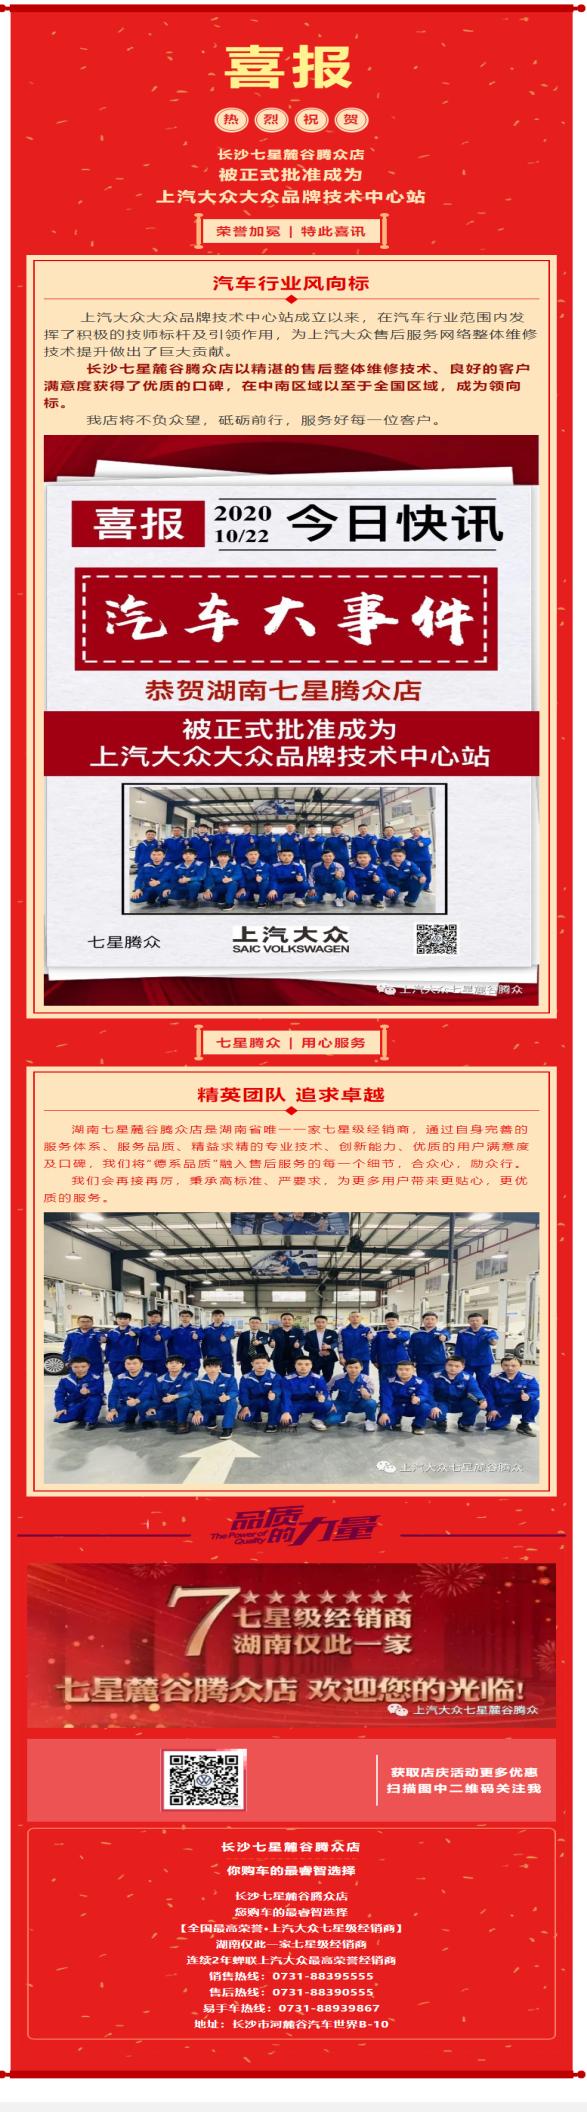 【熱大喜訊】恭賀七星騰眾店被正式批準成為上汽大眾大眾品牌技術中心站!